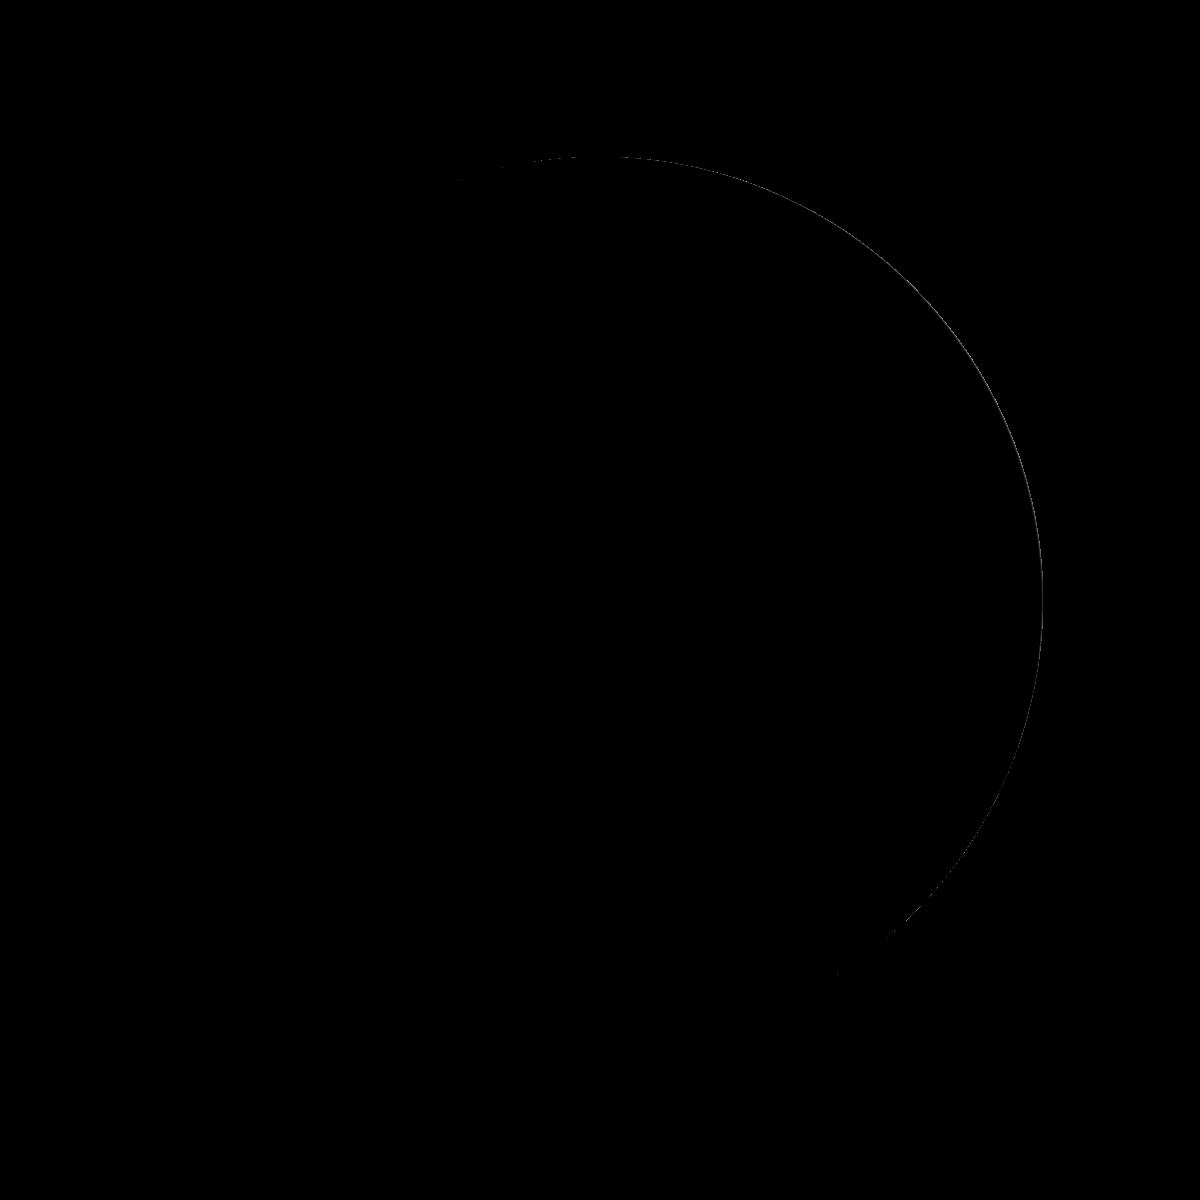 Lune du 24 février 2020